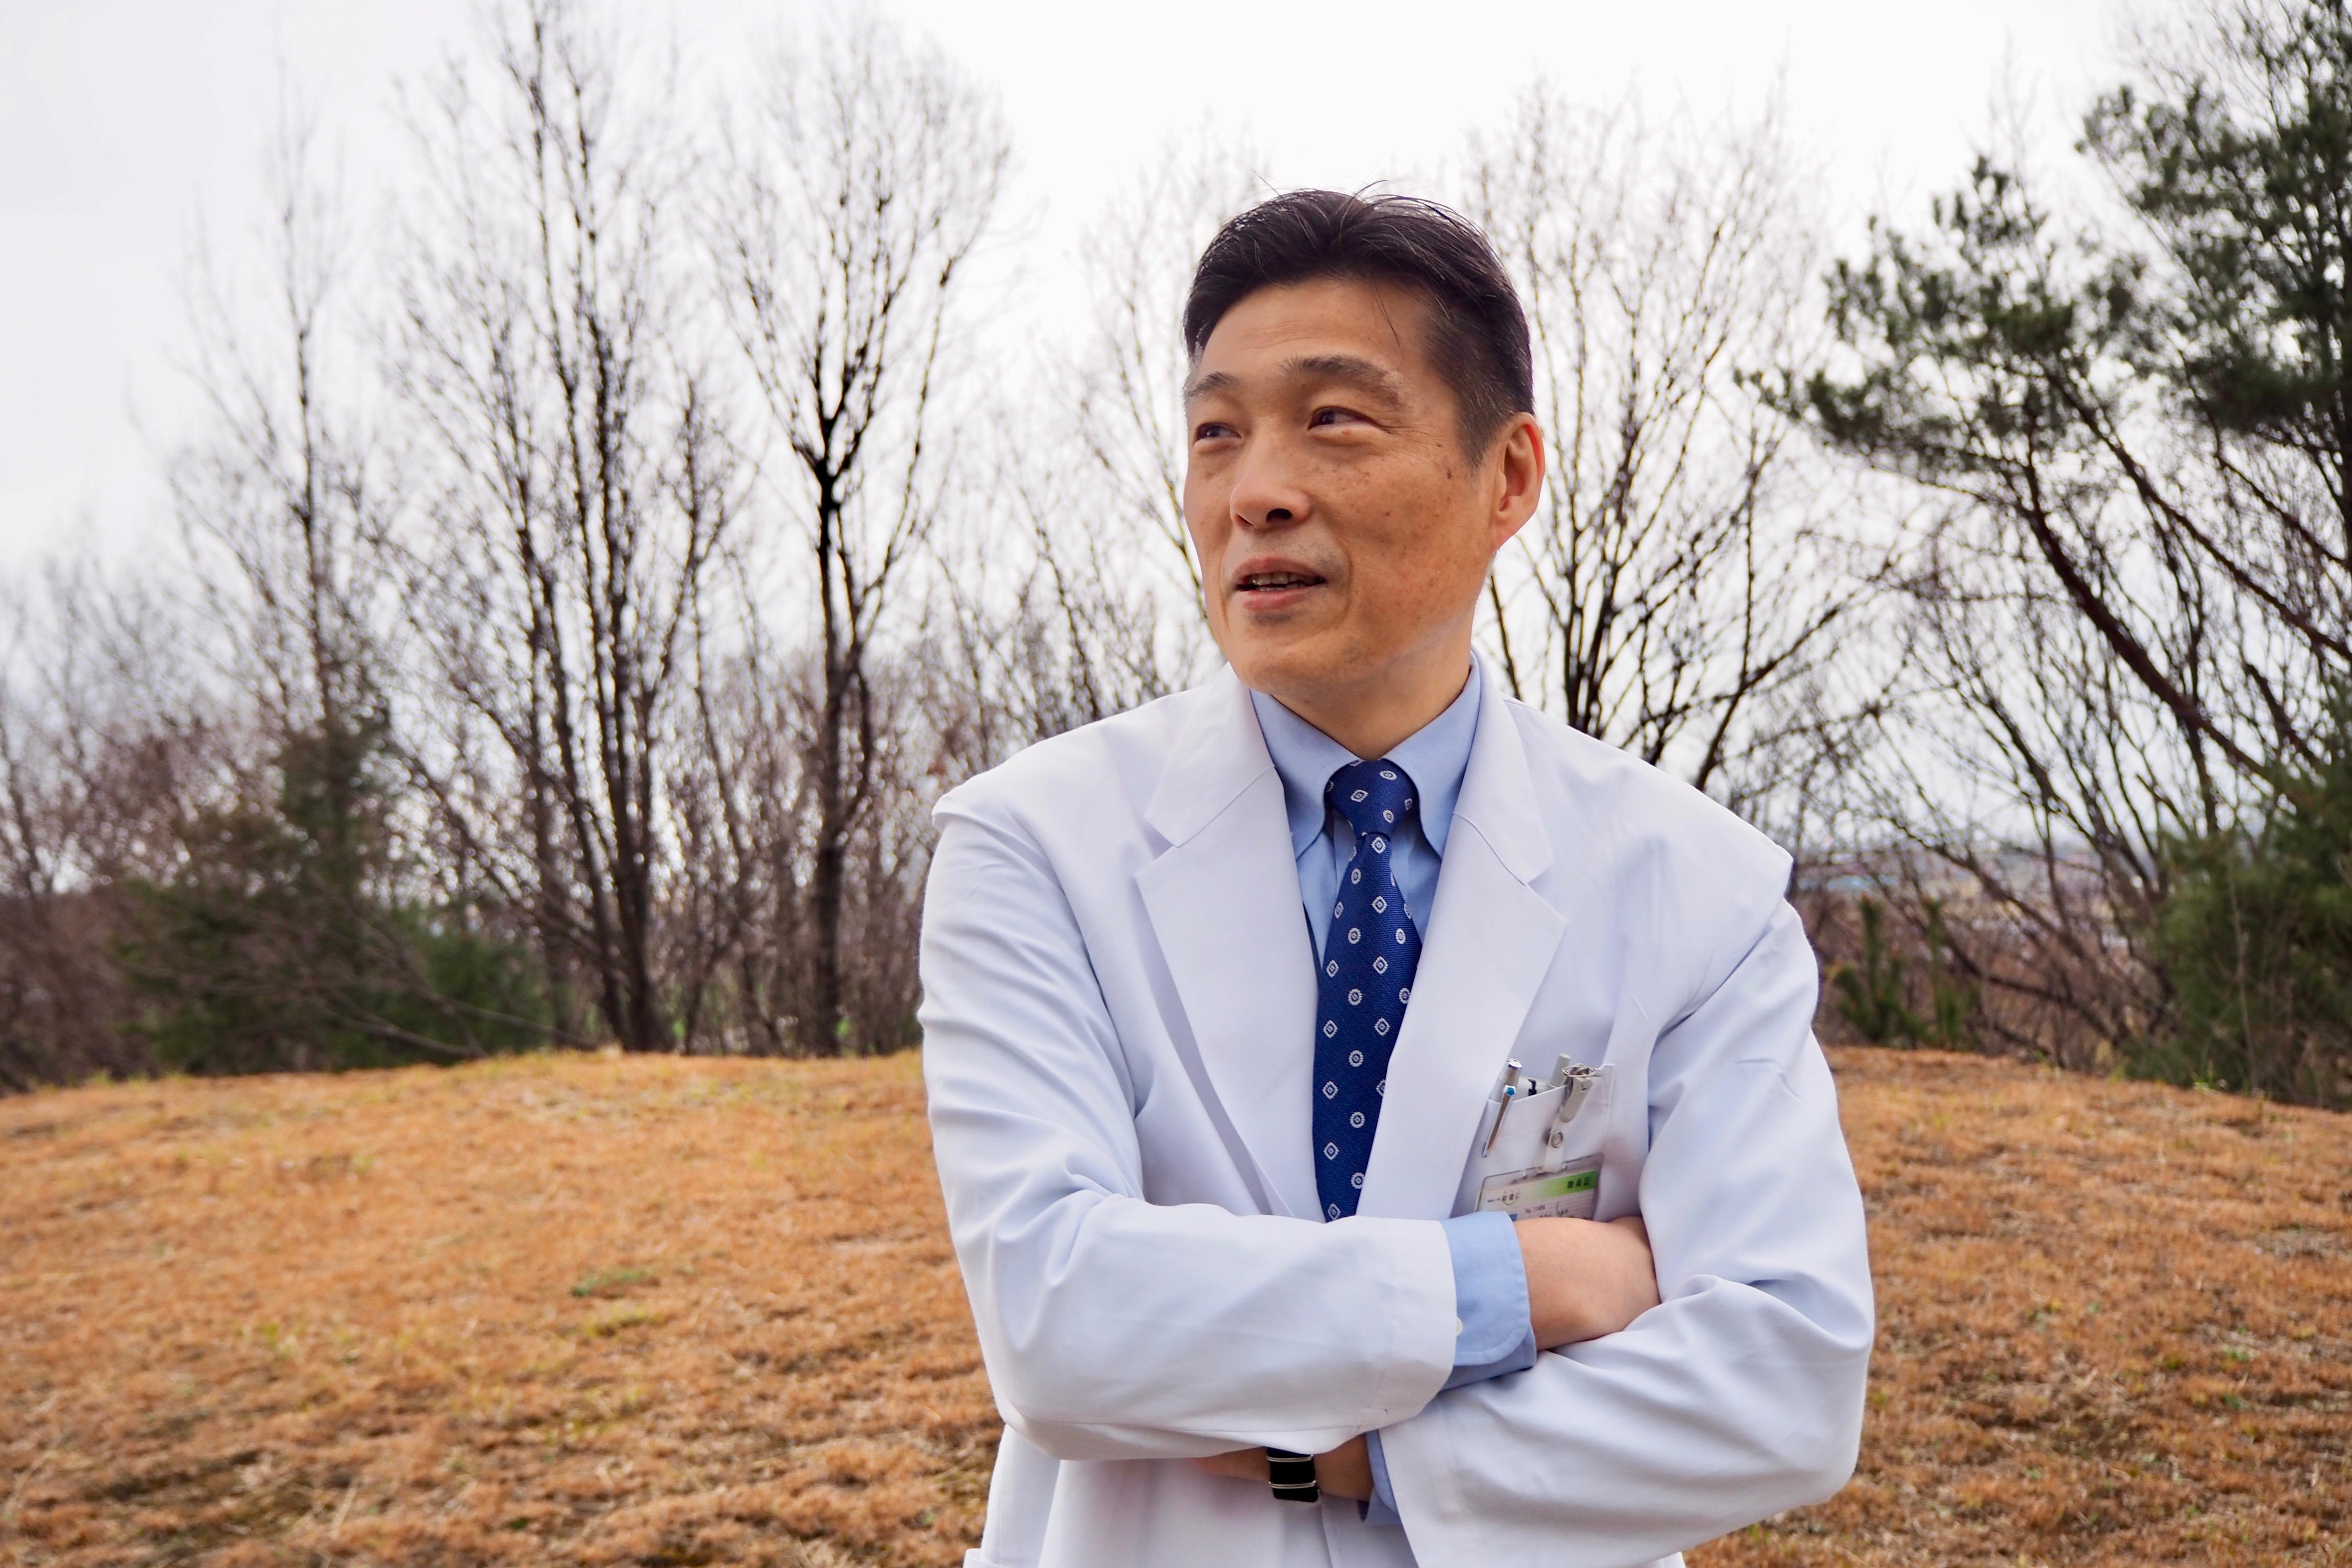 日本の医療のあり方はどう変わる?−従来型医療から生活支援型医療への転換